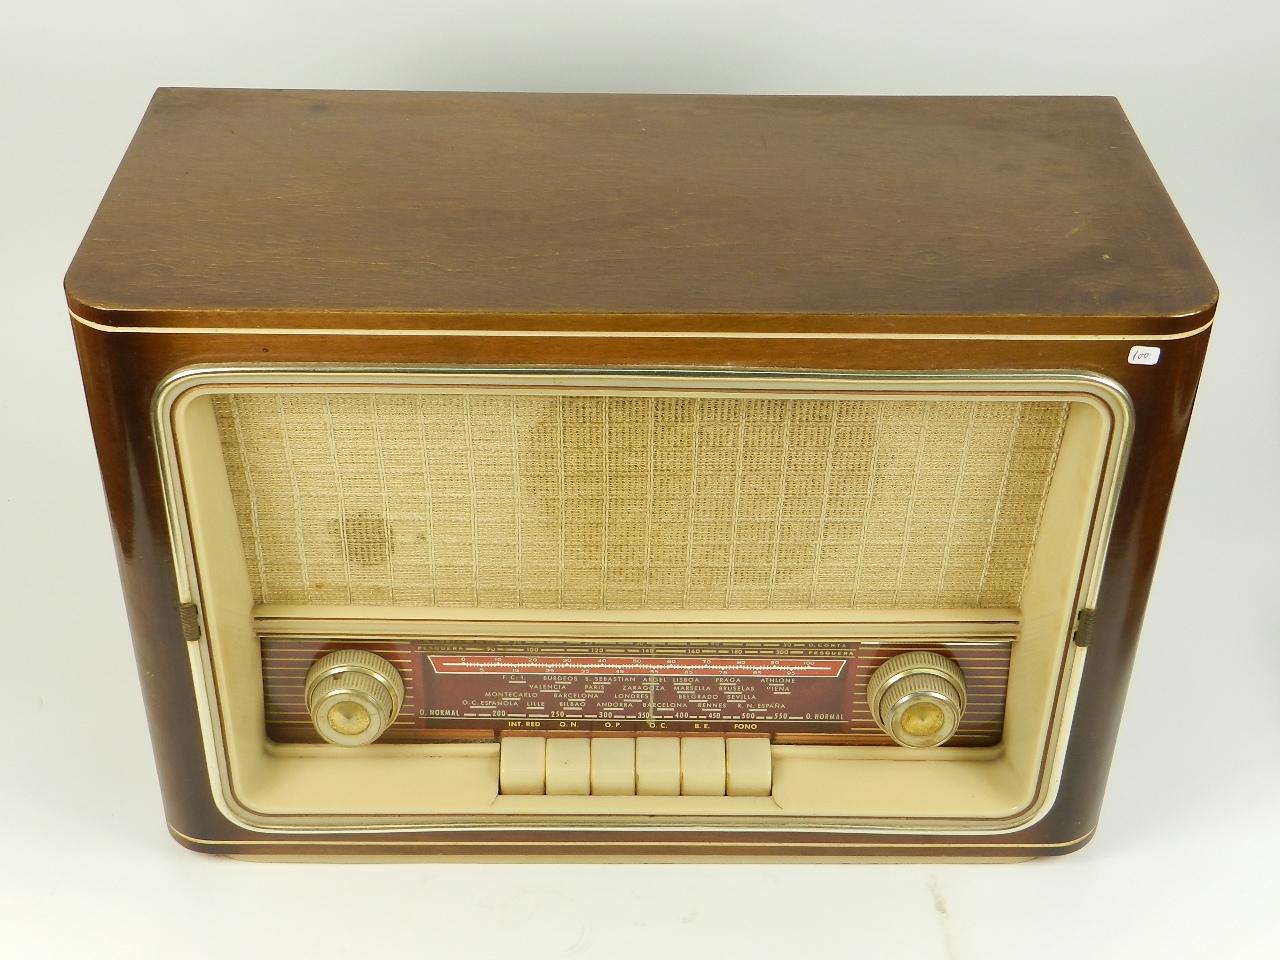 Imagen RADIO ANTIGUA AÑO 1958 29480